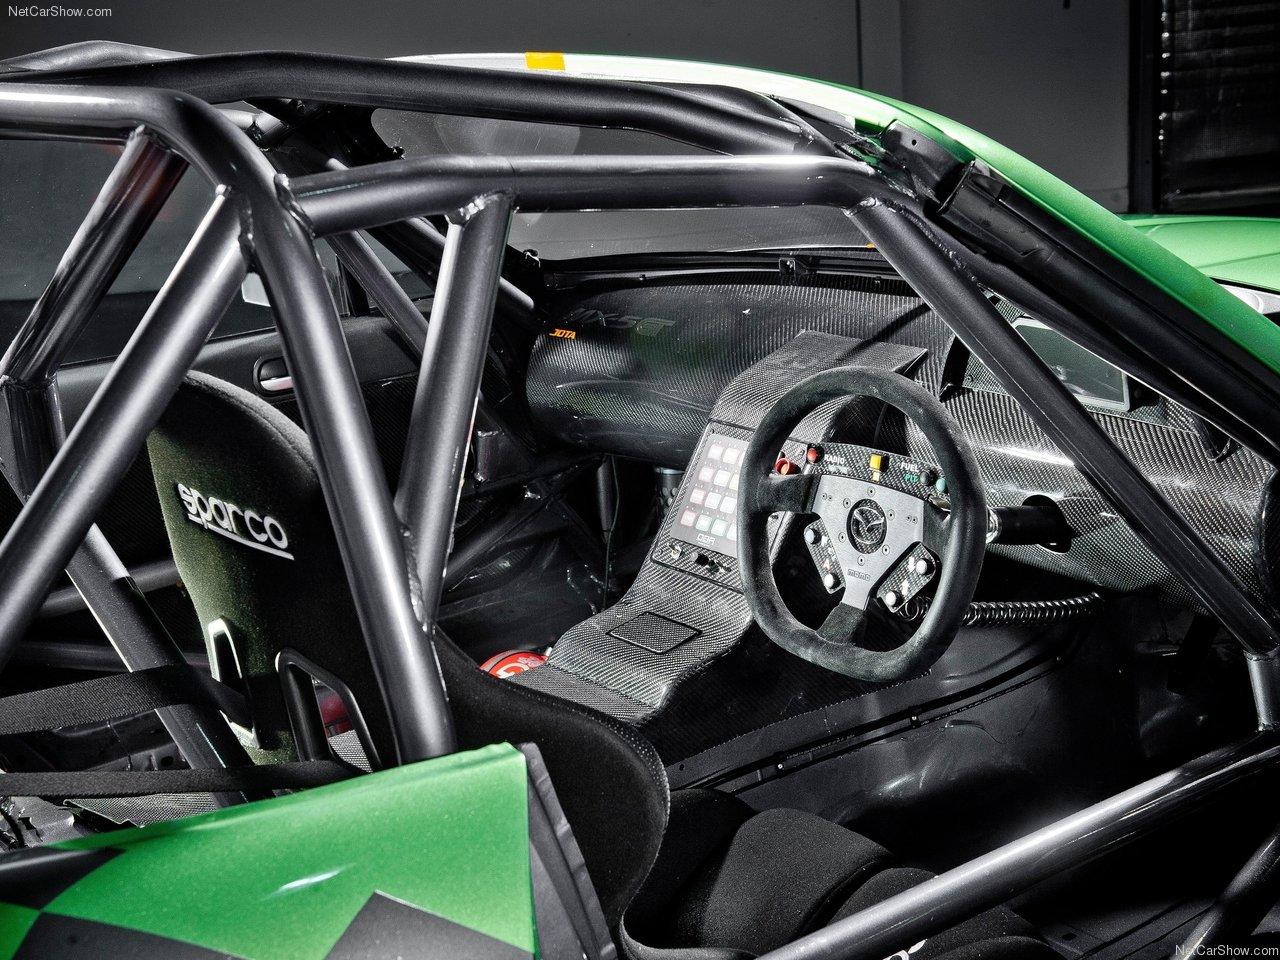 http://3.bp.blogspot.com/-8Cwc0K6NjDY/TYnuM76YD-I/AAAAAAACMNg/FaoUpiuiXMY/s1600/Mazda-MX-5_GT_Race_Car_2011_1280x960_wallpaper_04.jpg